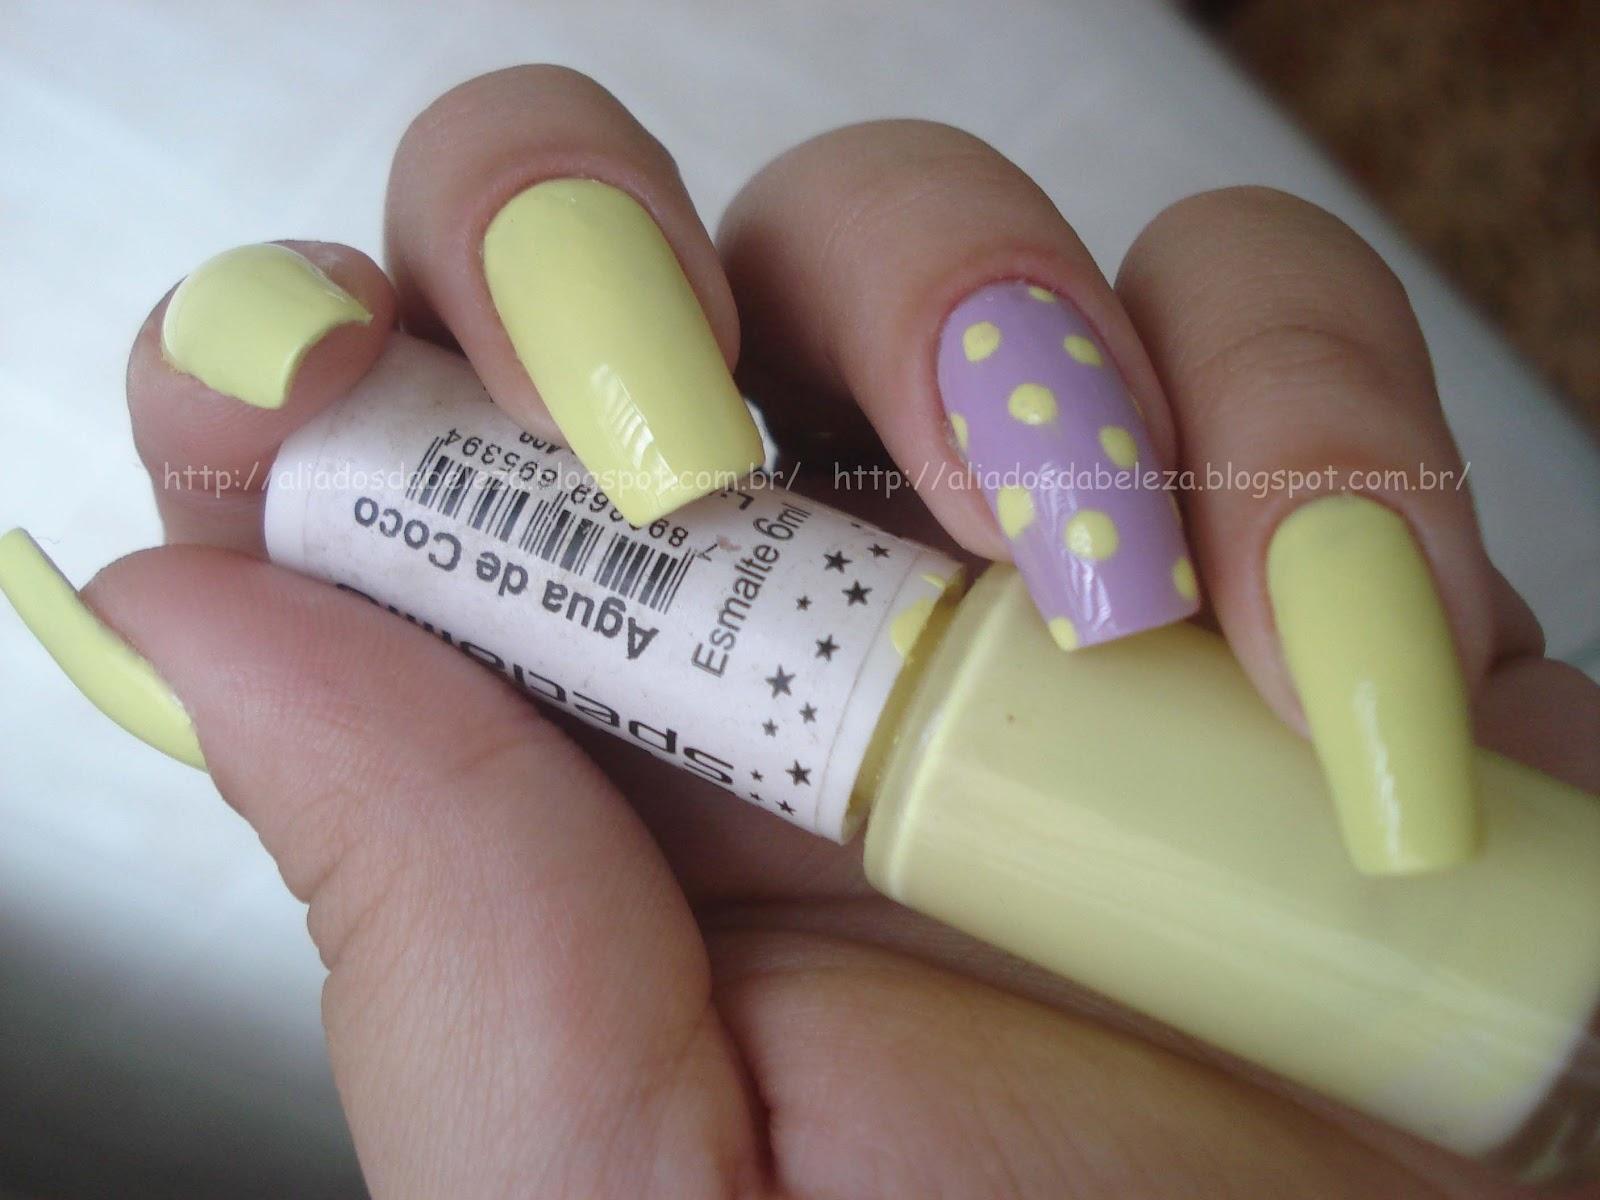 Aliados da Beleza: Tendência Candy Colors